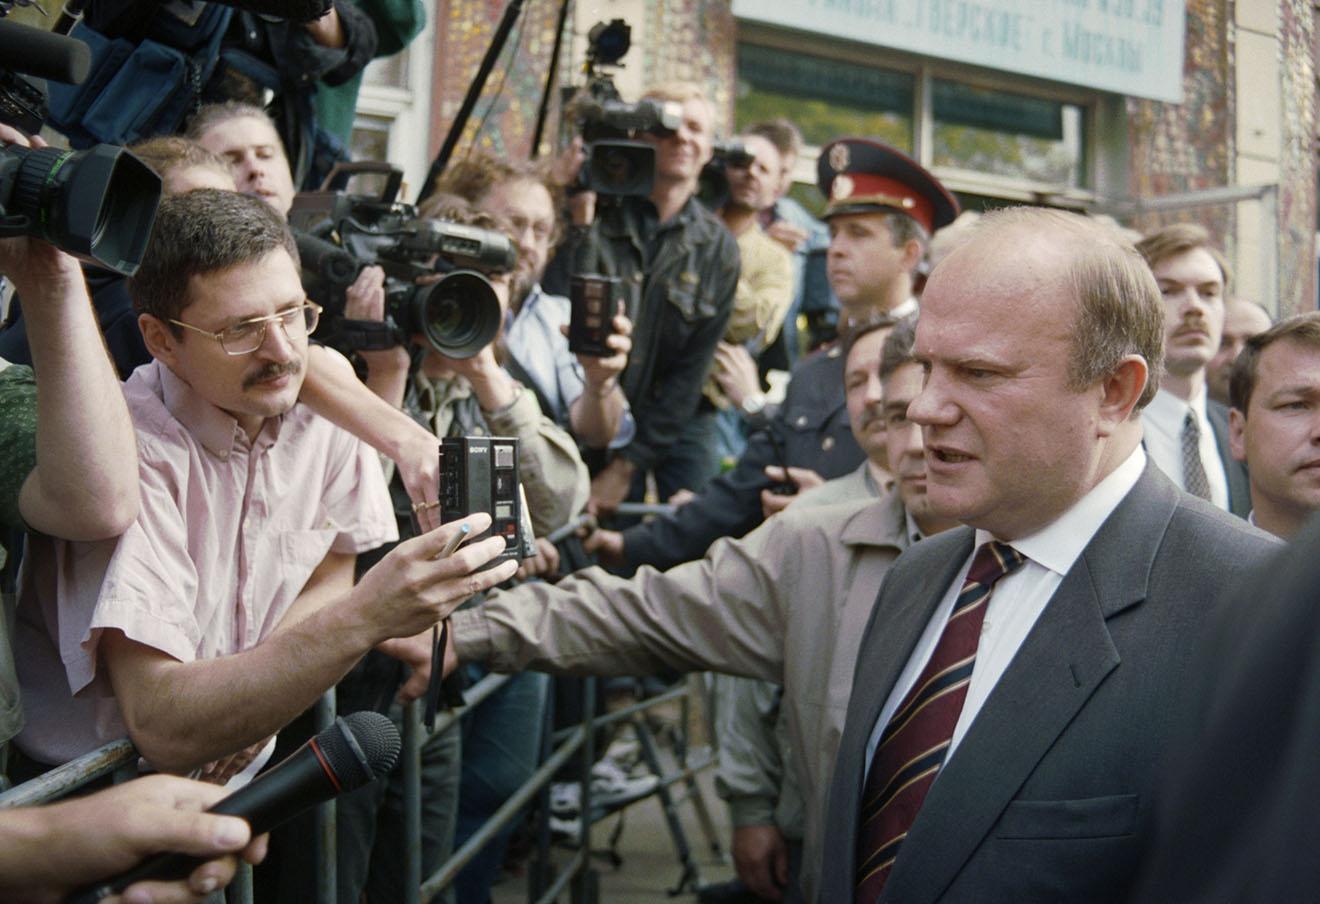 Геннадий Андреевич Зюганов после голосования в ходе второго тура президентских выборов, 1996 год. Фото: Кузьмин Валентин / Фотохроника ТАСС